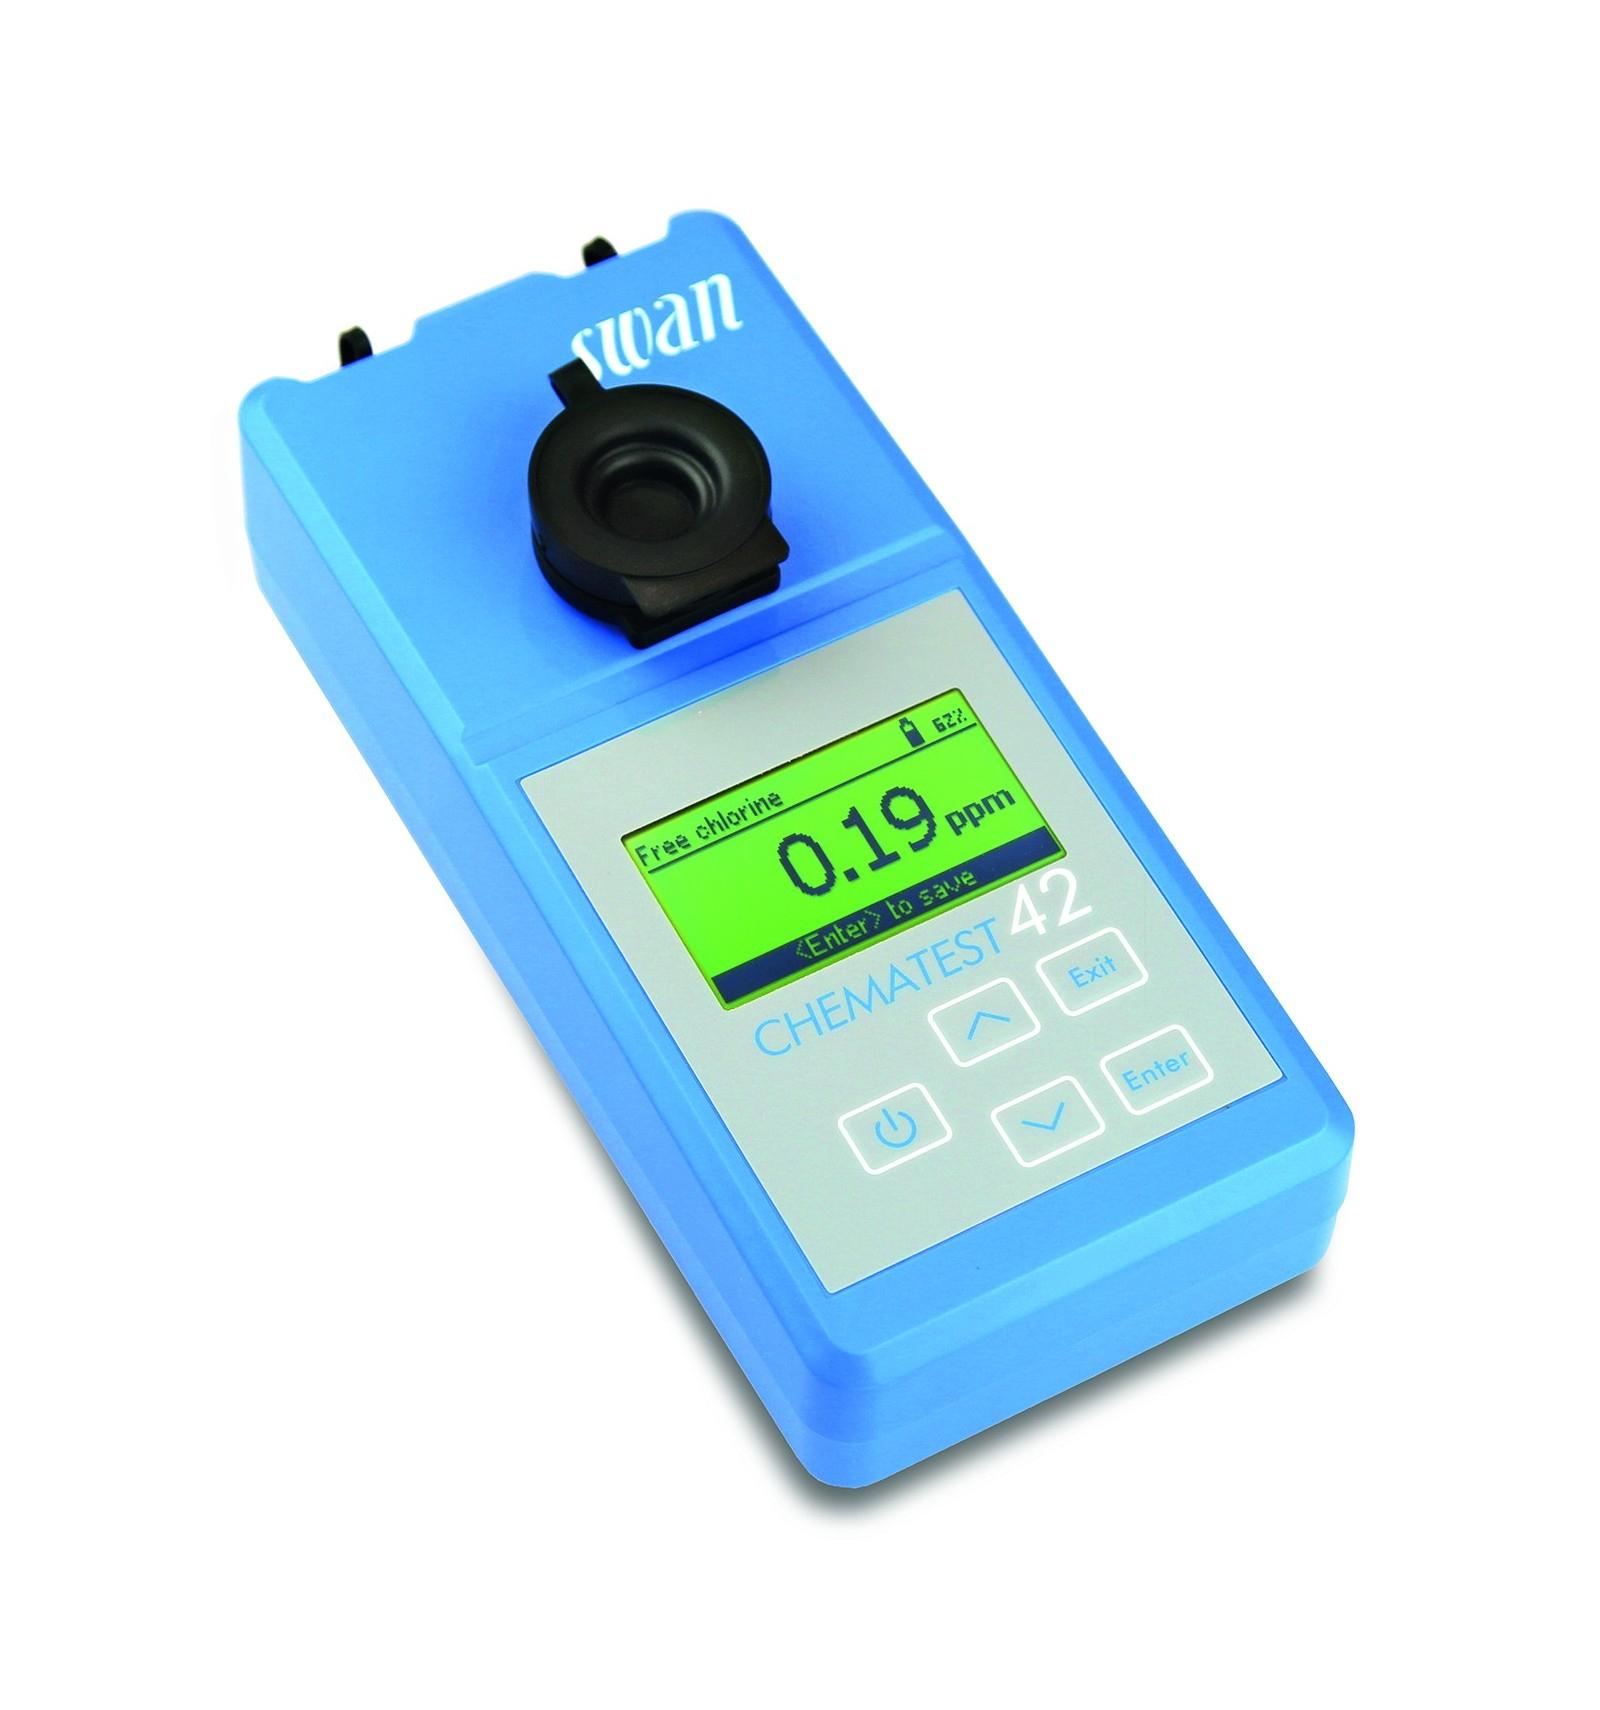 Chematest 30 Swan Photomètre Piscine Collective A-70.065.030 encequiconcerne Photomètre Piscine